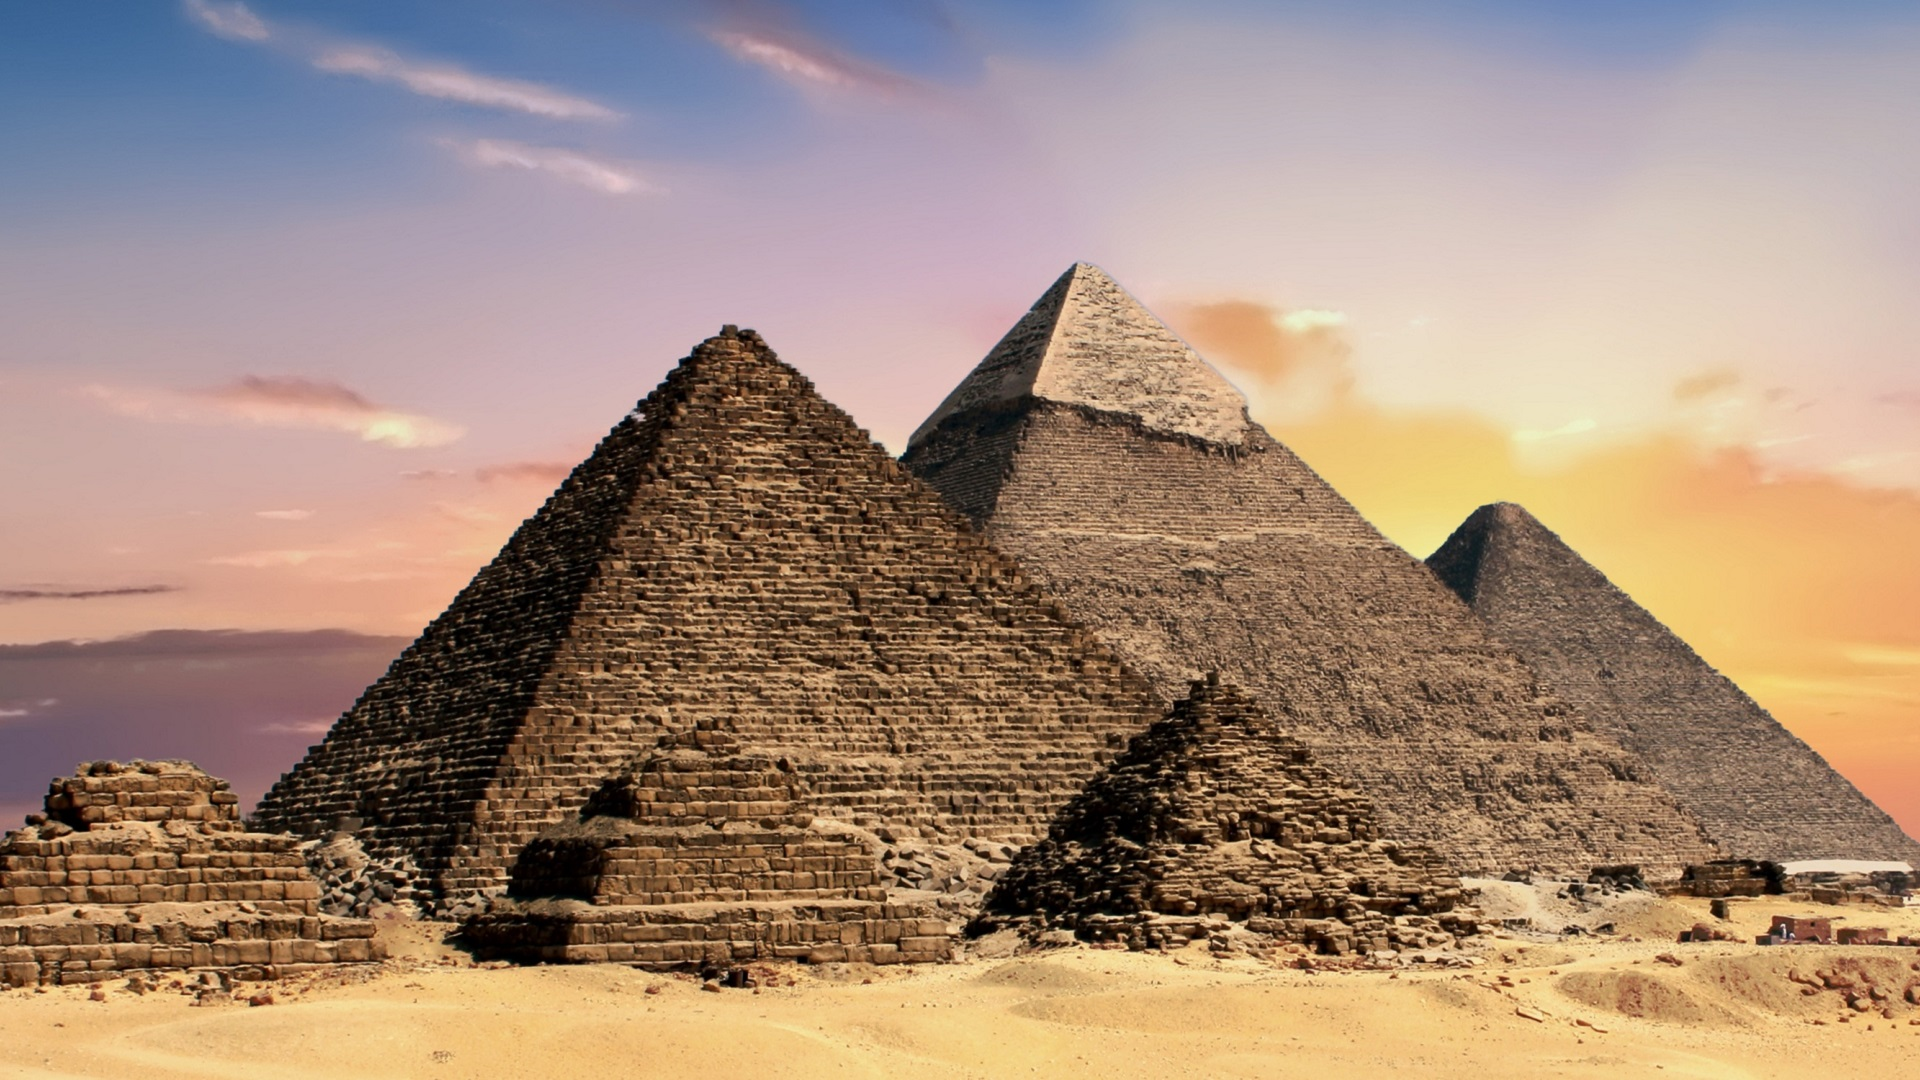 nejlepší datování webové stránky egypt Jsem vyčerpaný z randění